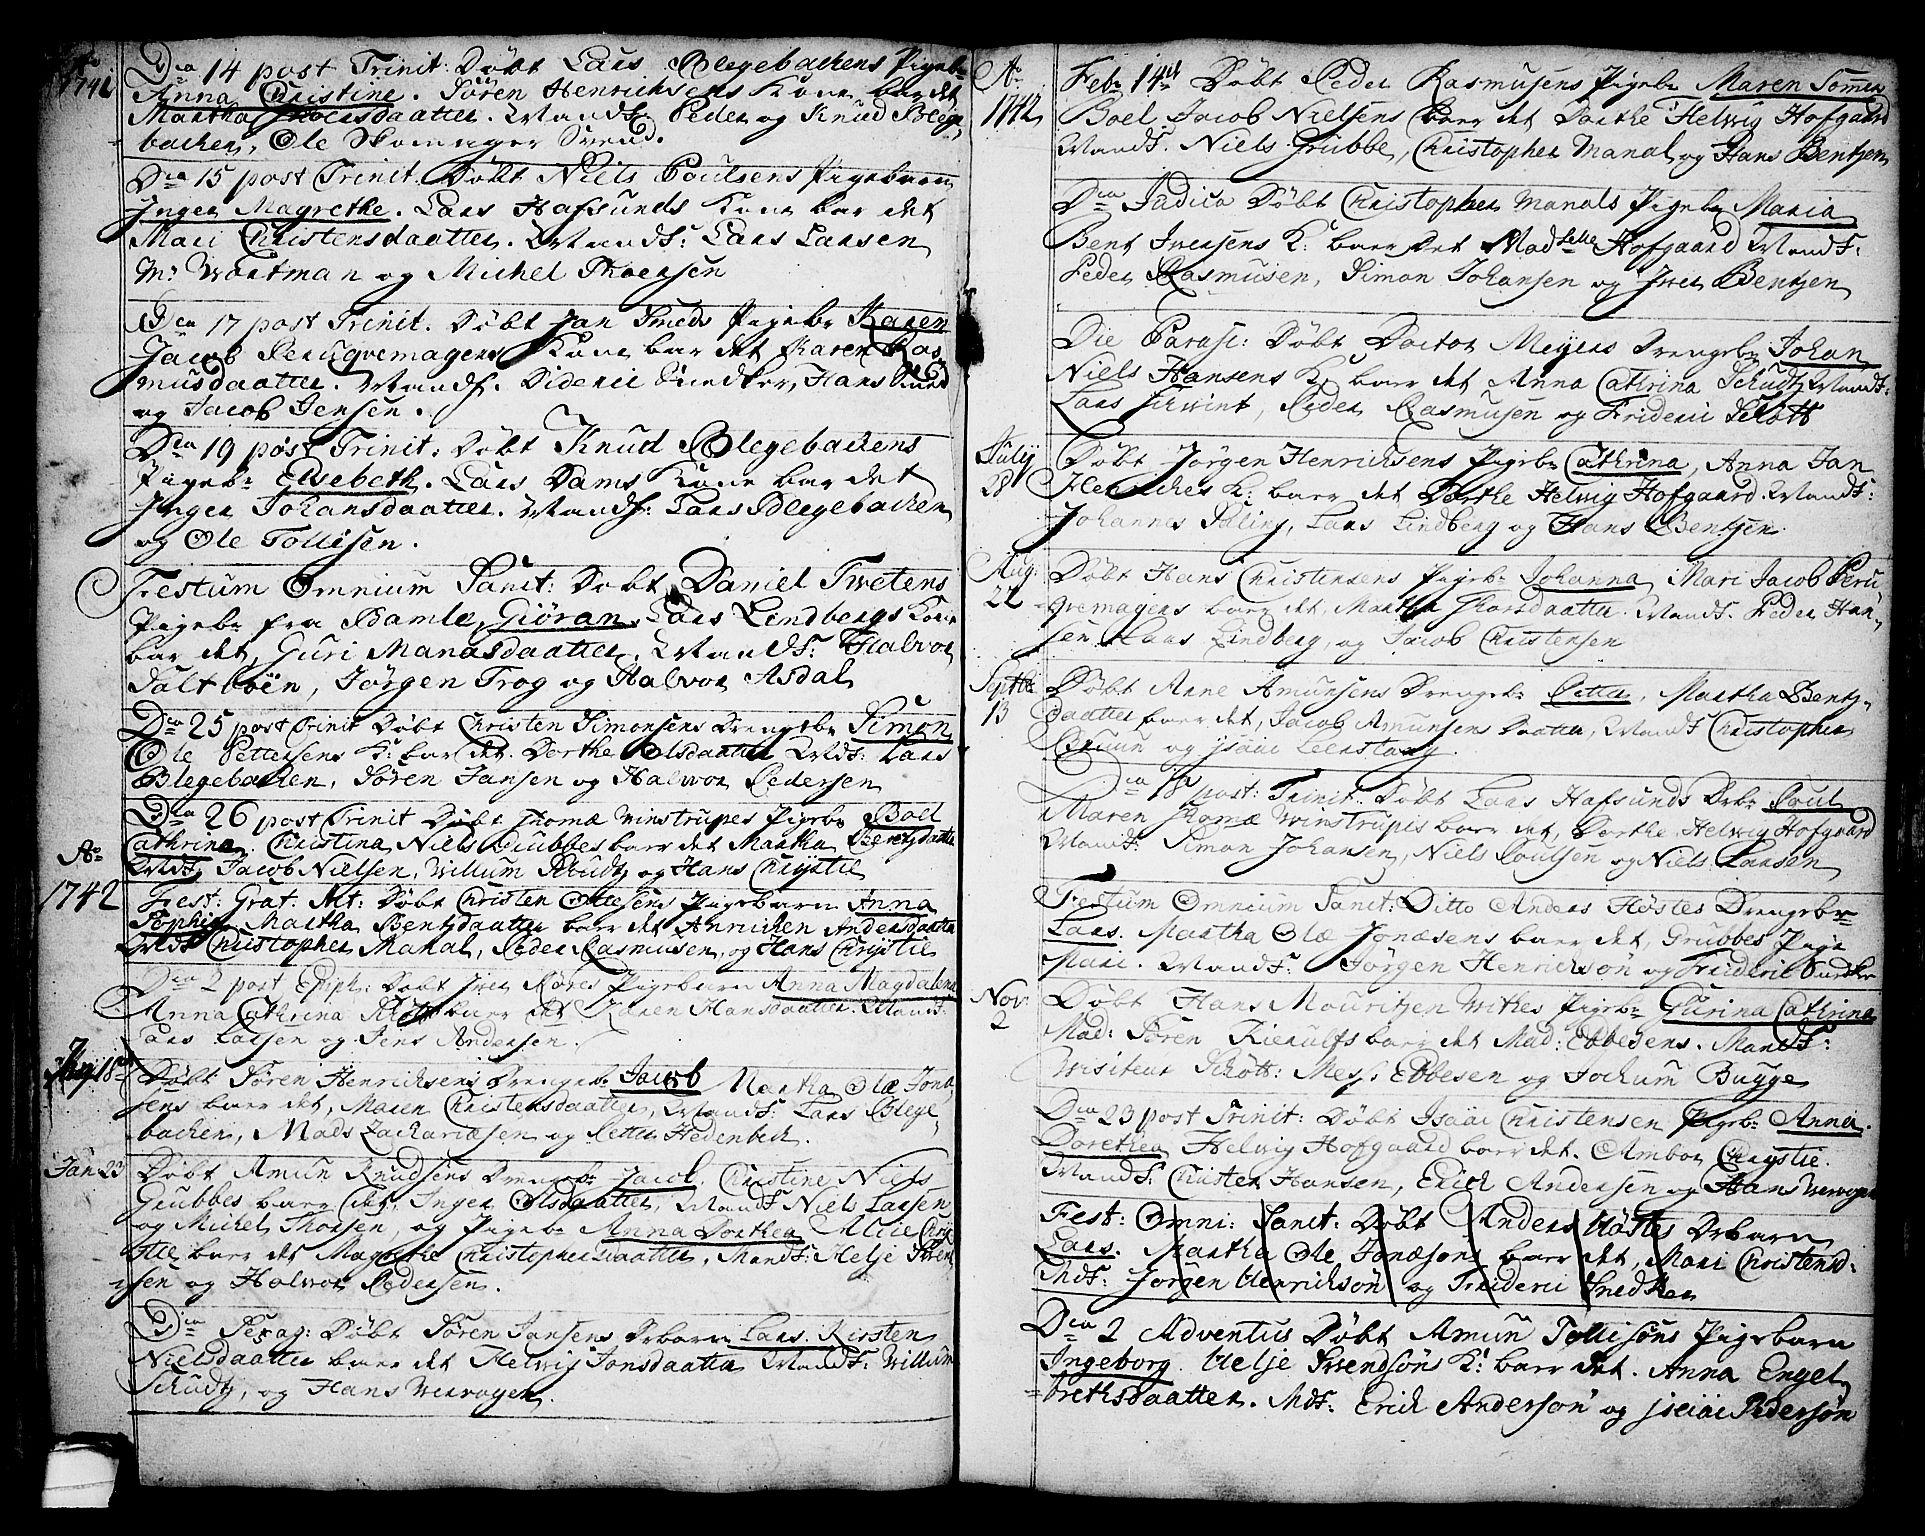 SAKO, Brevik kirkebøker, F/Fa/L0002: Ministerialbok nr. 2, 1720-1764, s. 34m